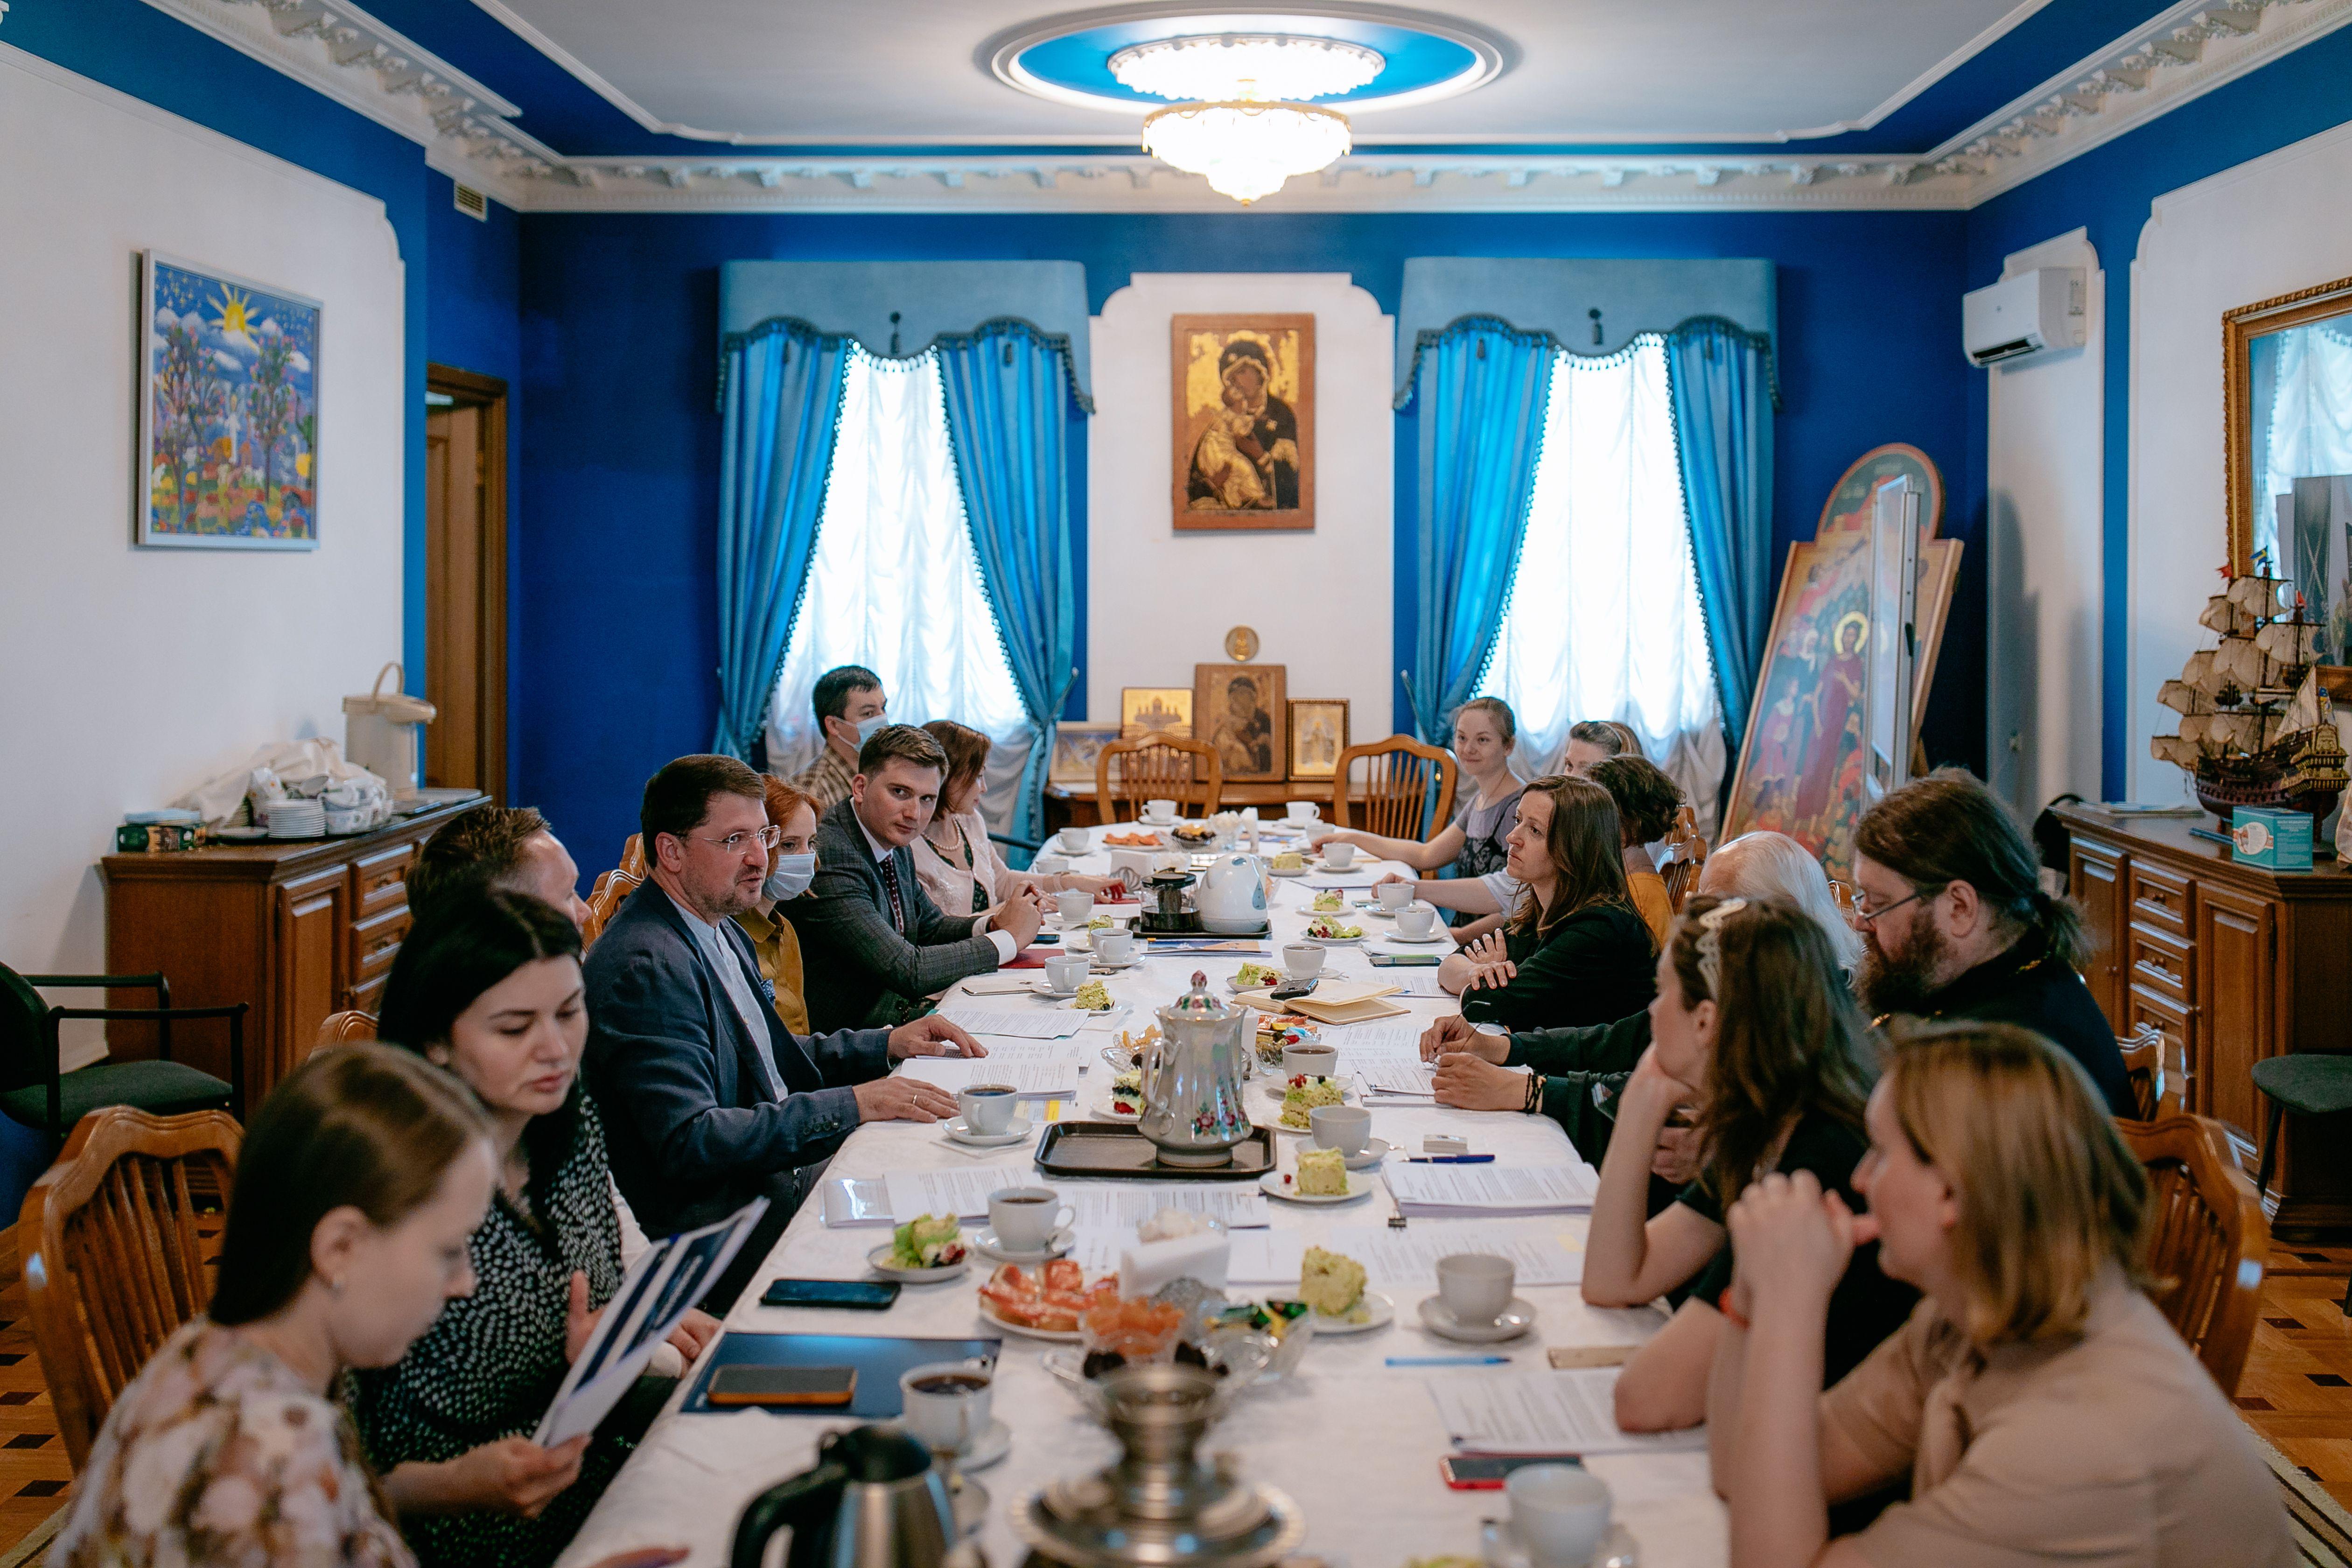 Встреча представителей Церкви и Департамента труда и соцзащиты Москвы. Фото: пресс-служба Департамента труда и соцзащиты Москвы